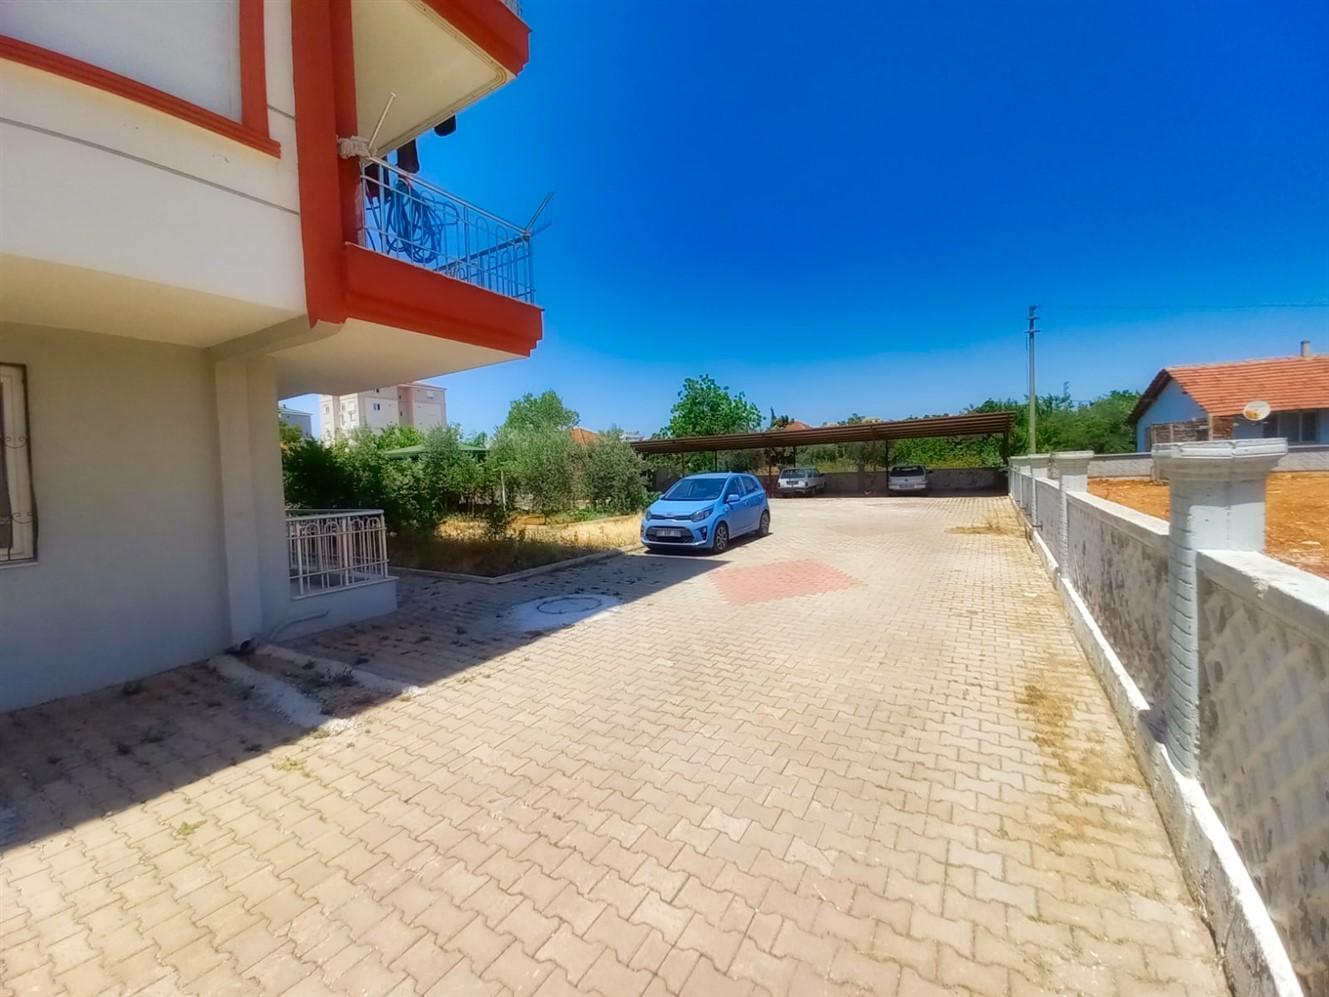 Трёхкомнатная квартира в районе Кепез по очень выгодной цене - Фото 2